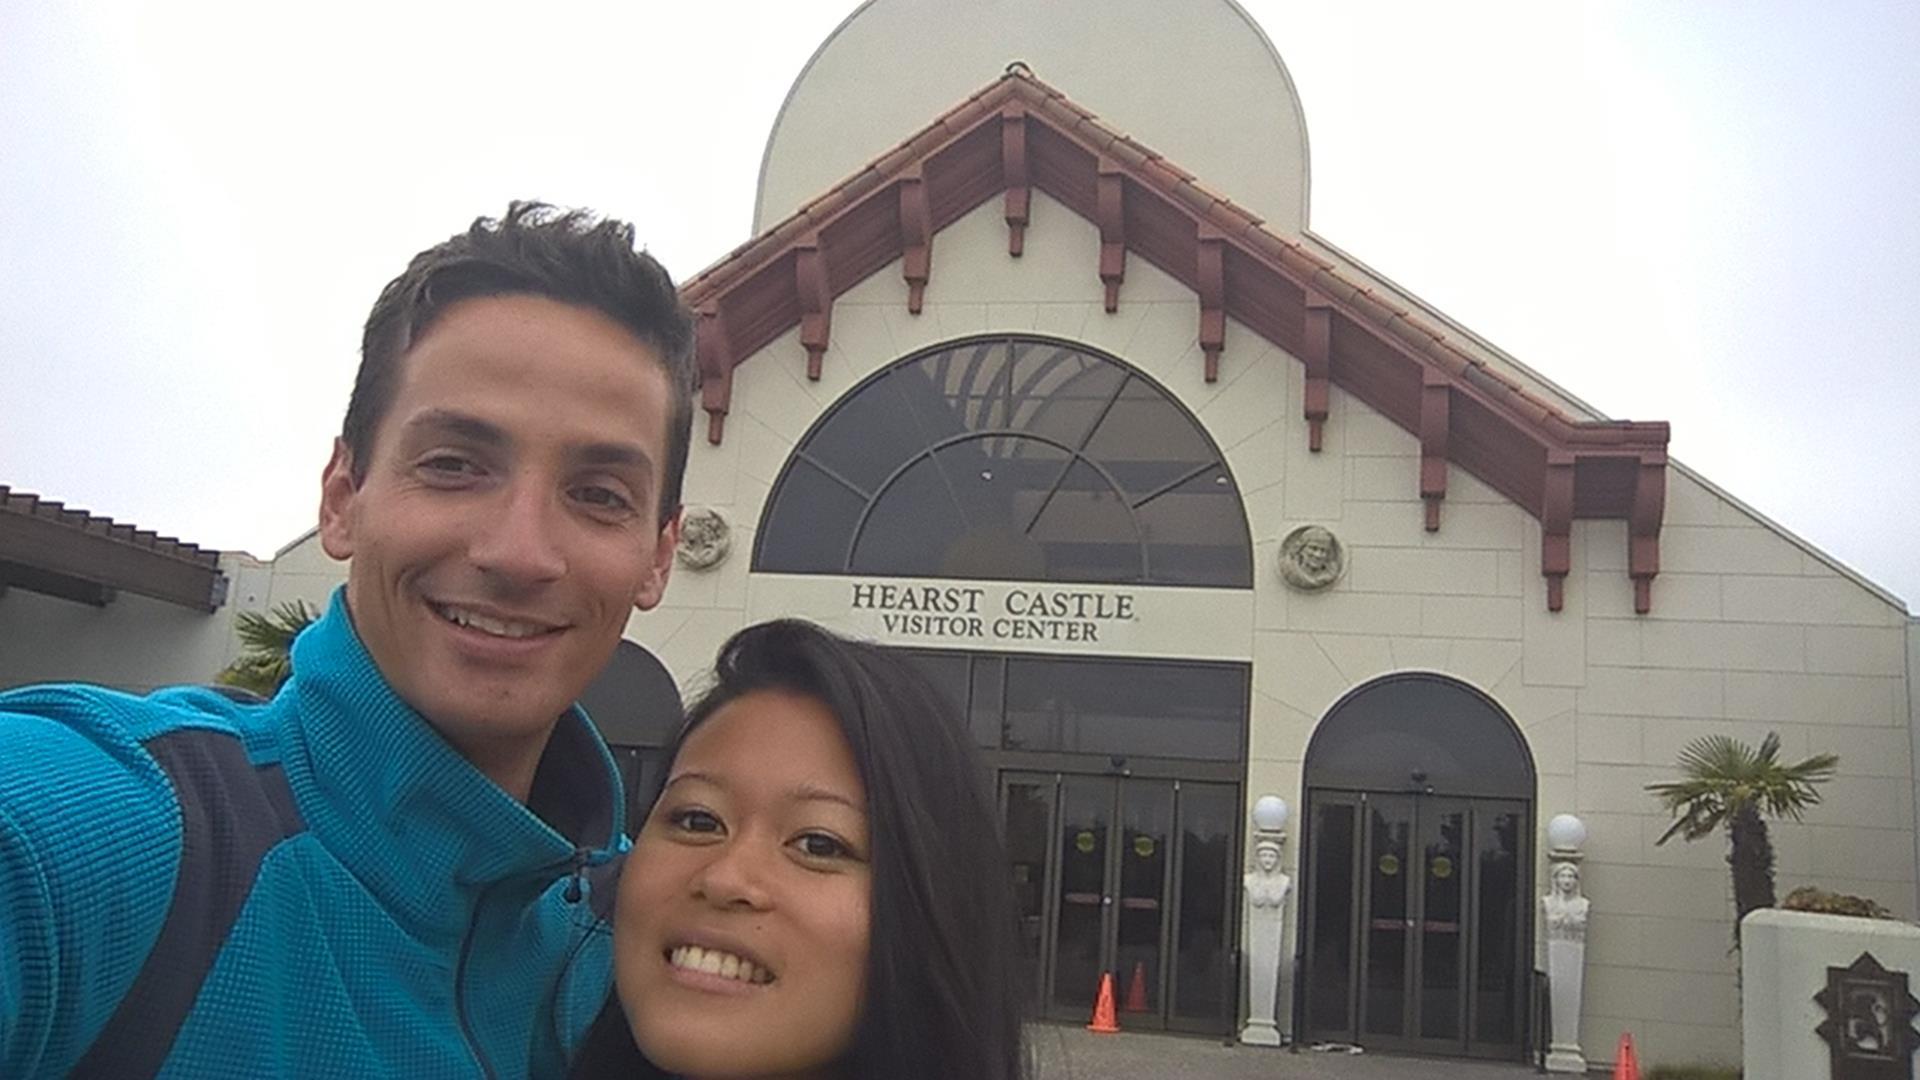 Immerhin waren wir hier: Das Hearst Castle um kurz nach 7 Uhr Morgens